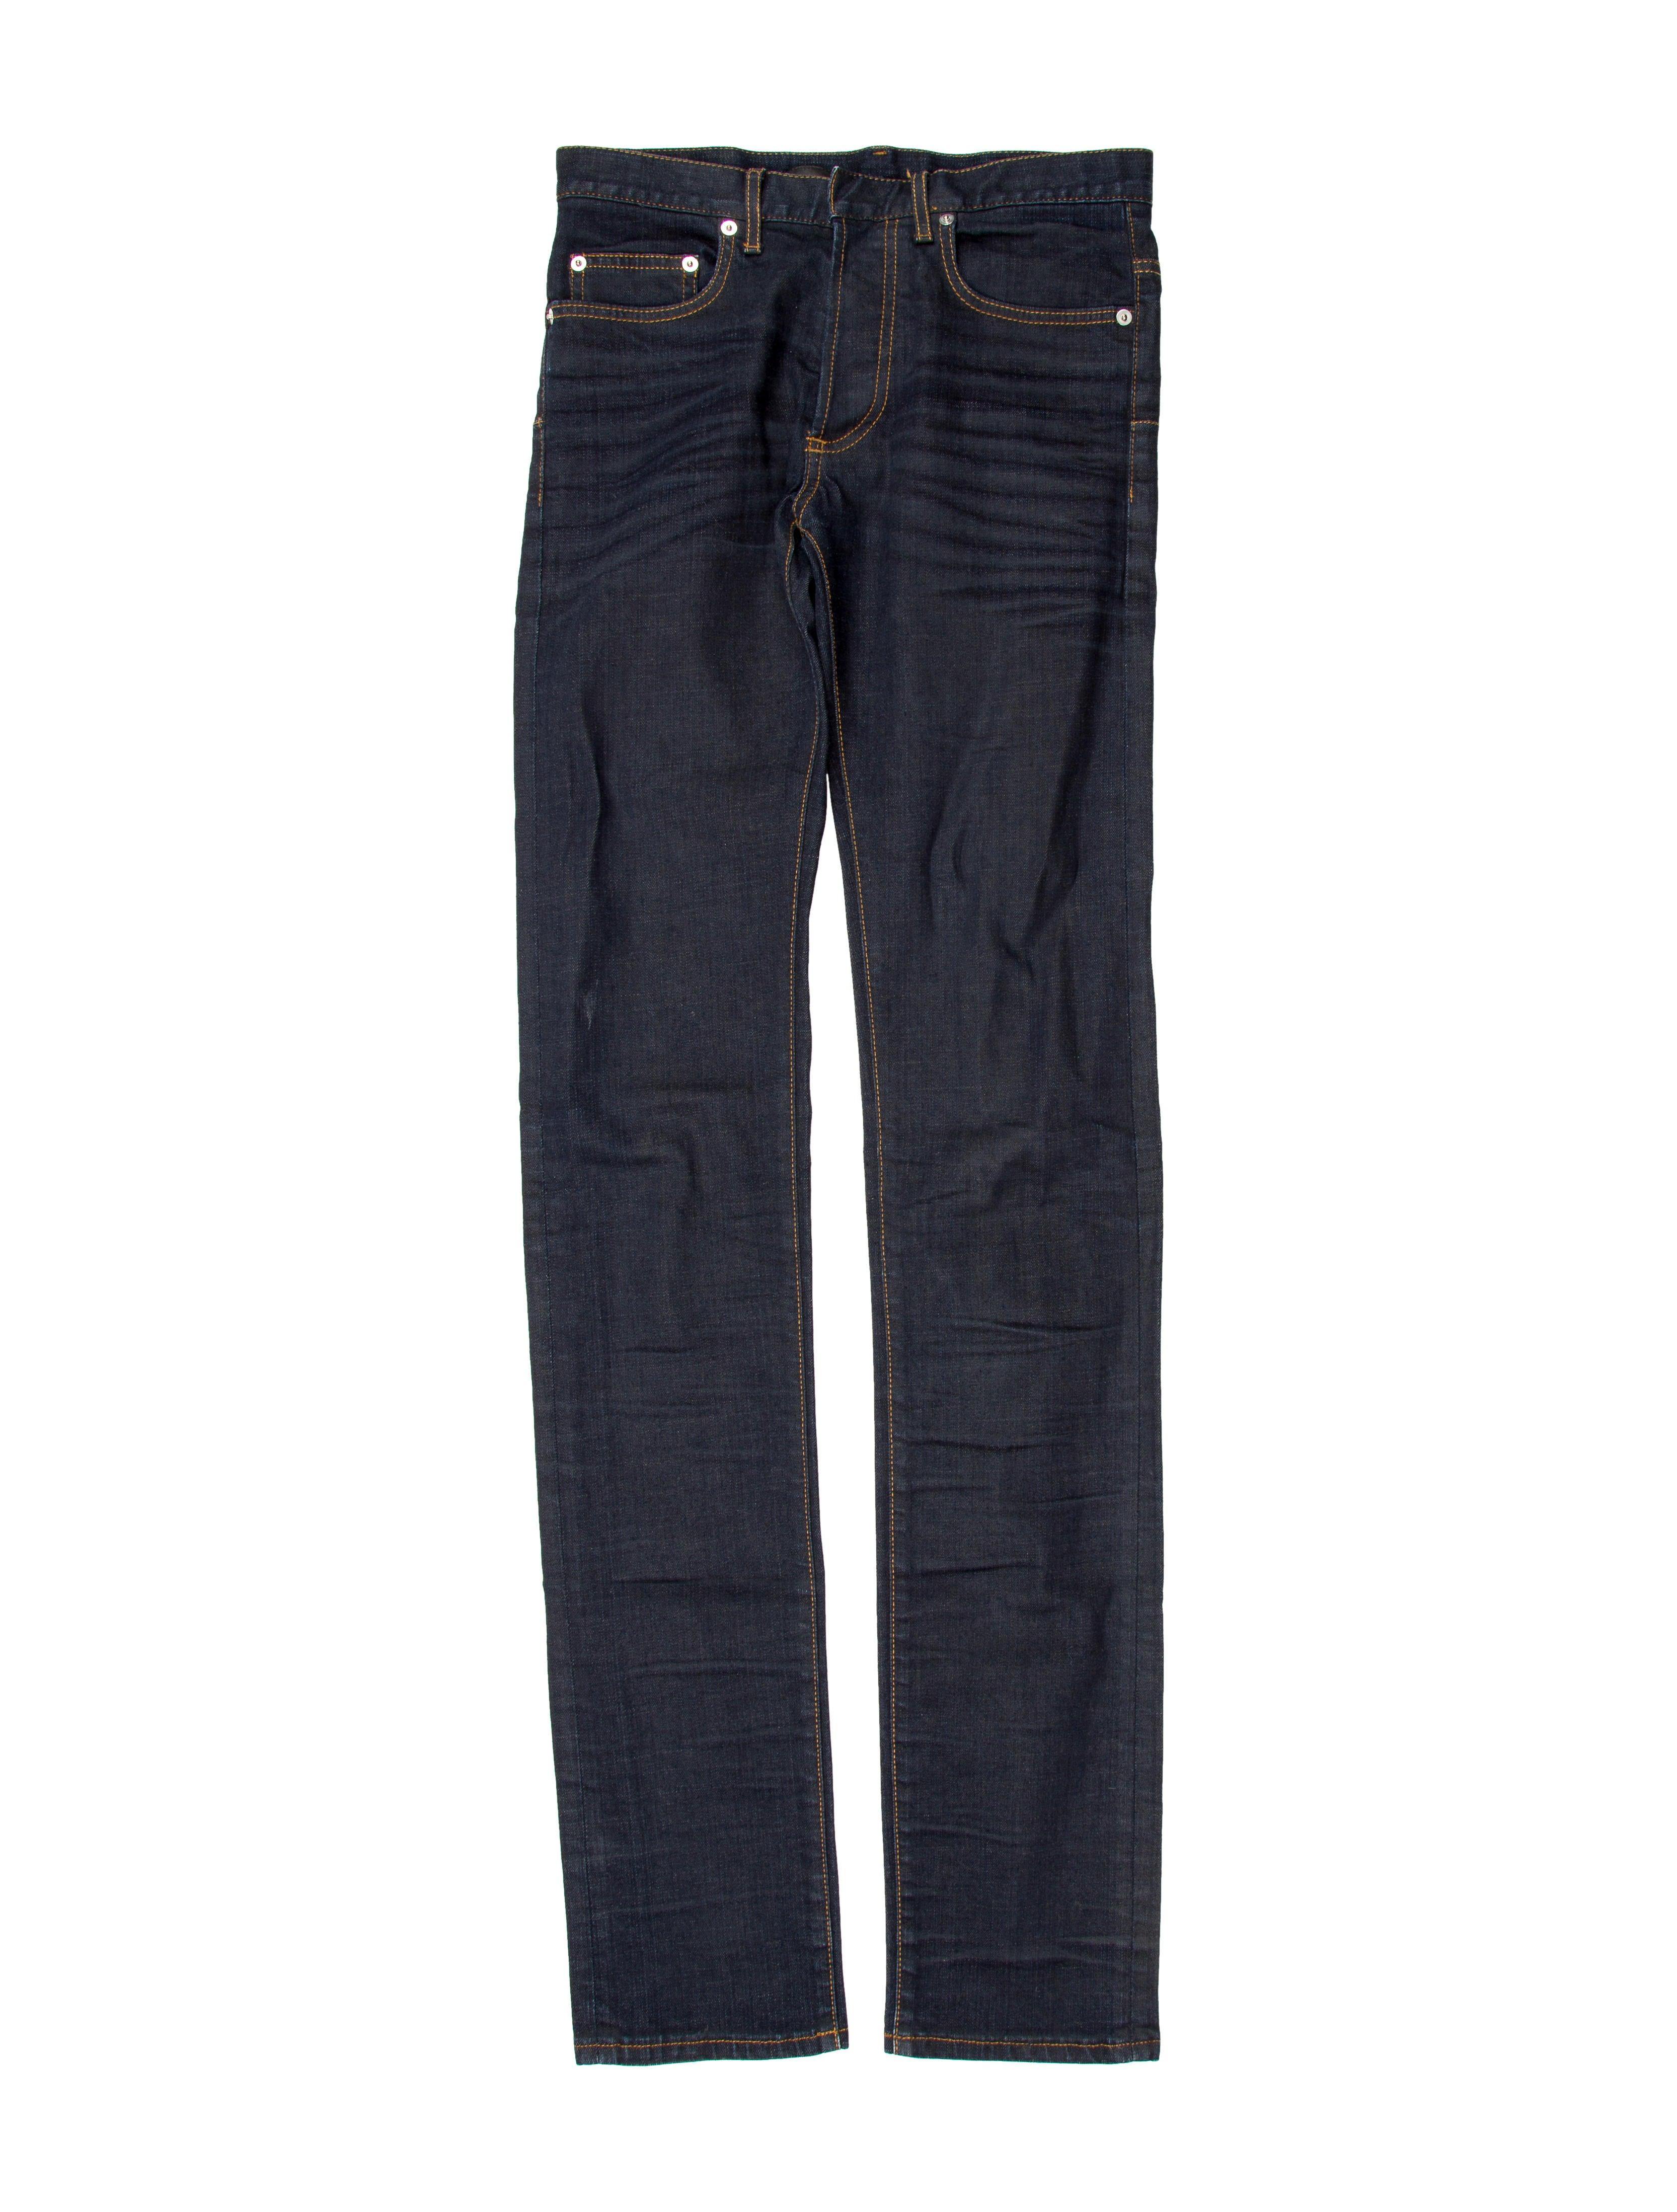 dior homme five pocket skinny jeans clothing hmm22782 the realreal. Black Bedroom Furniture Sets. Home Design Ideas